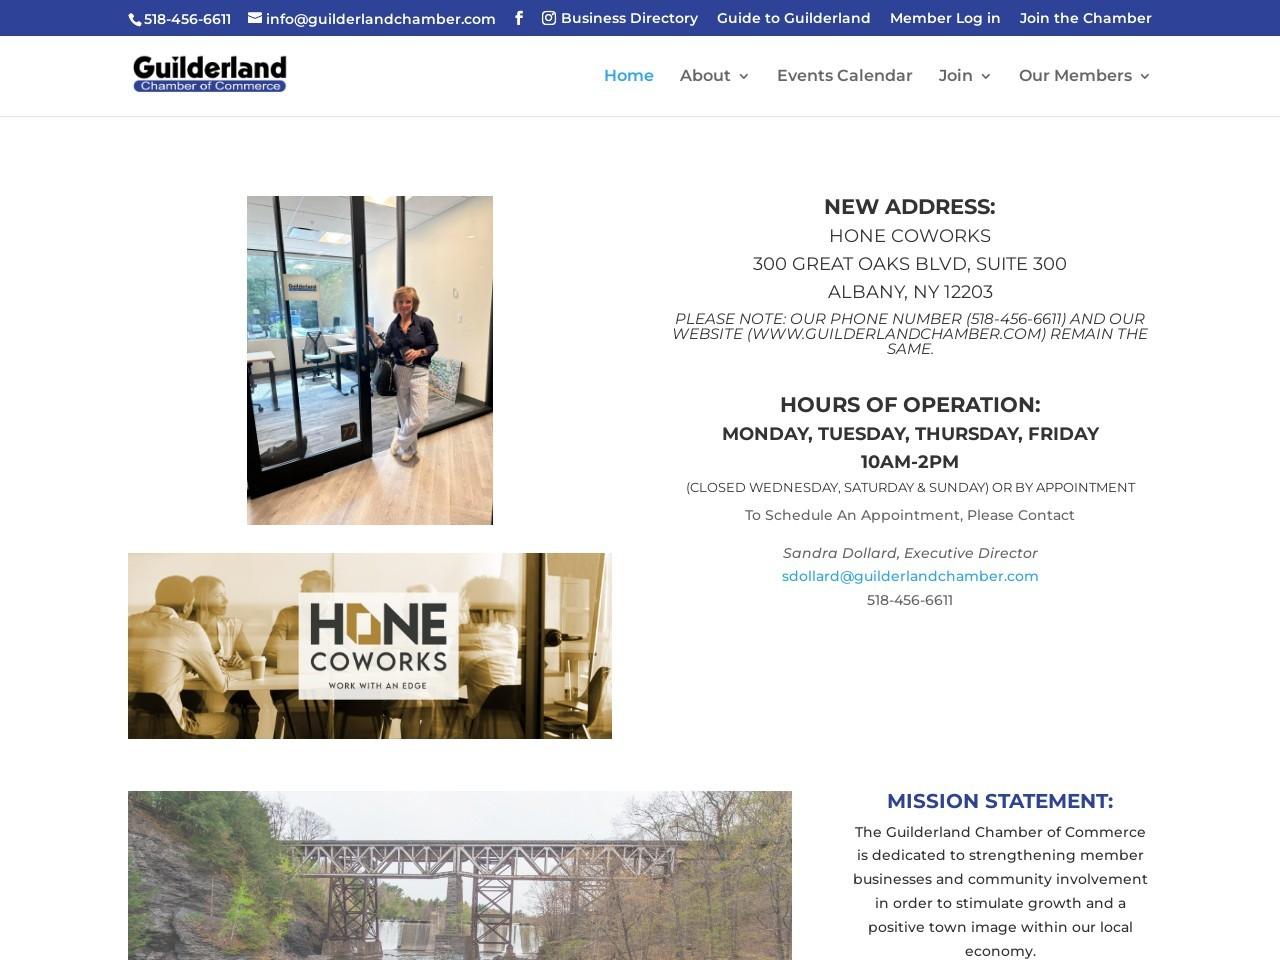 guilderlandchamber.com